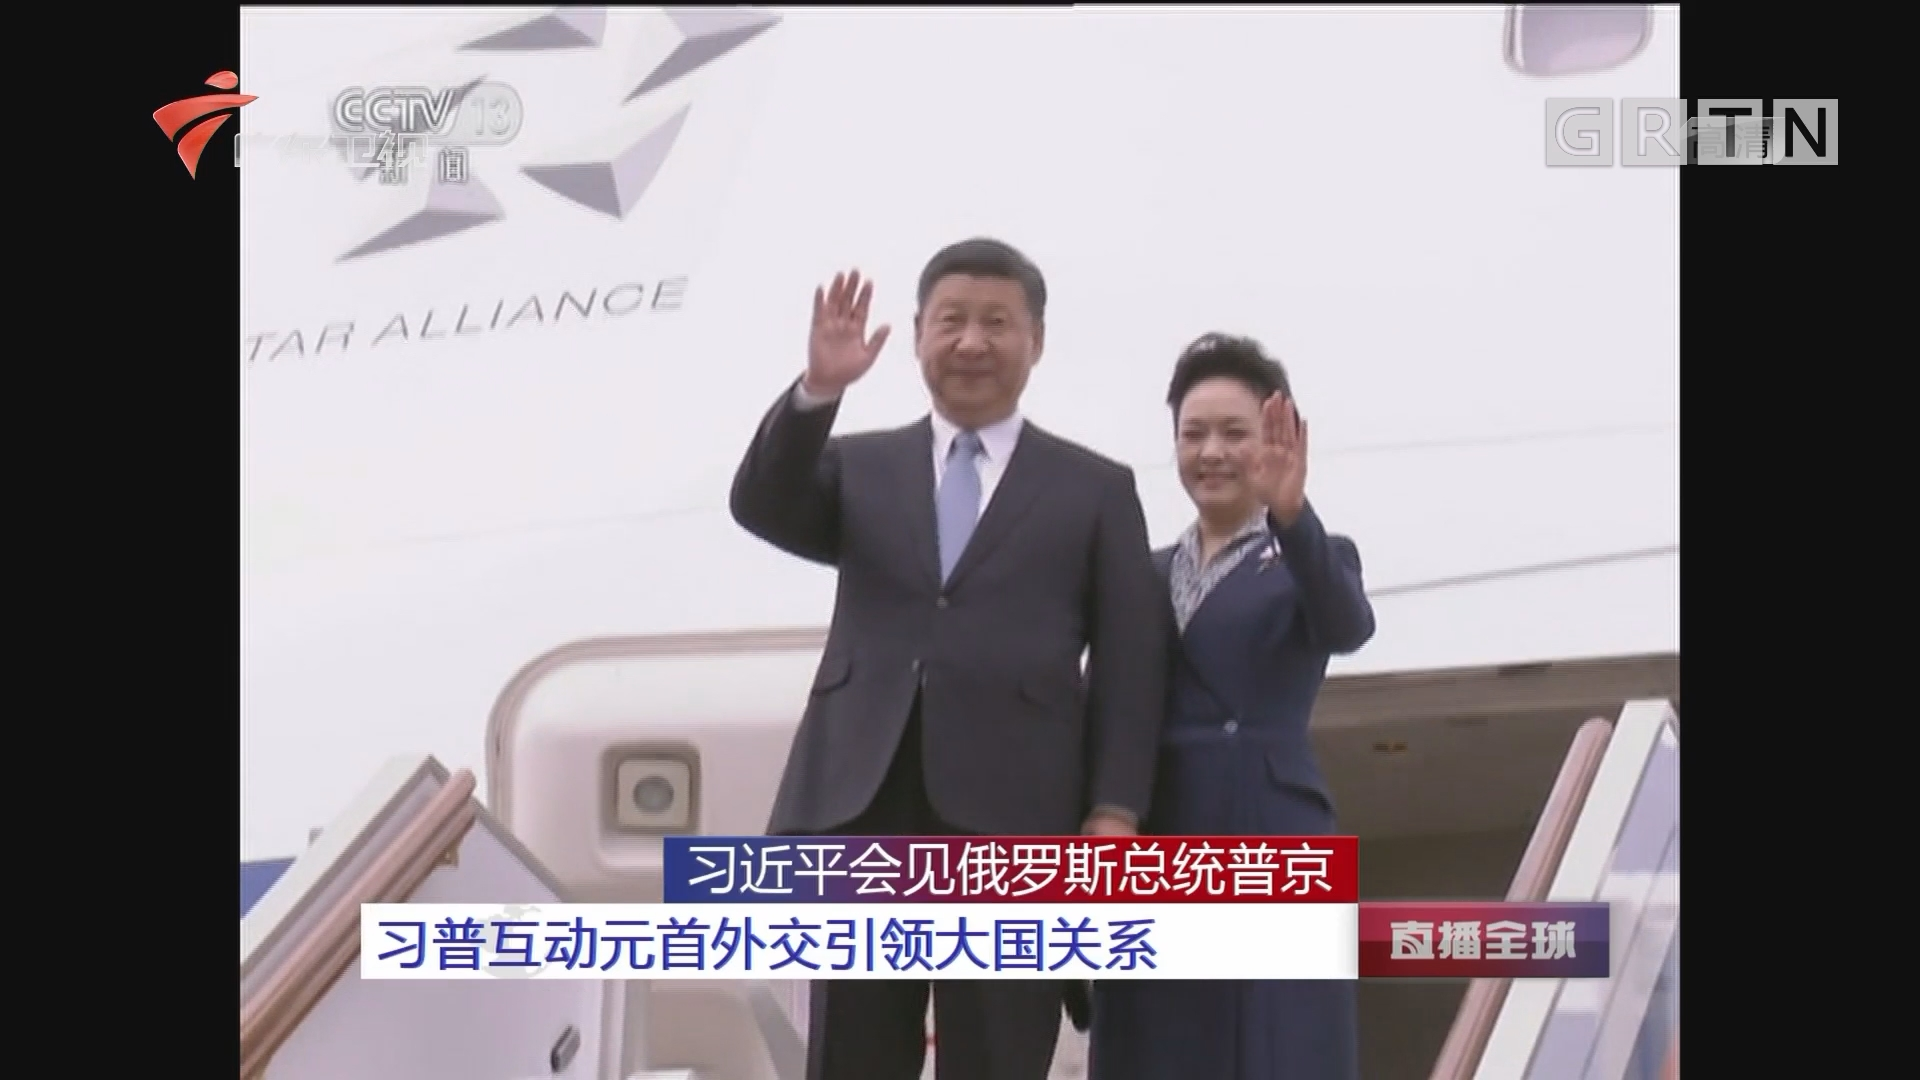 习近平会见俄罗斯总统普京 习普互动元首外交引领大国关系